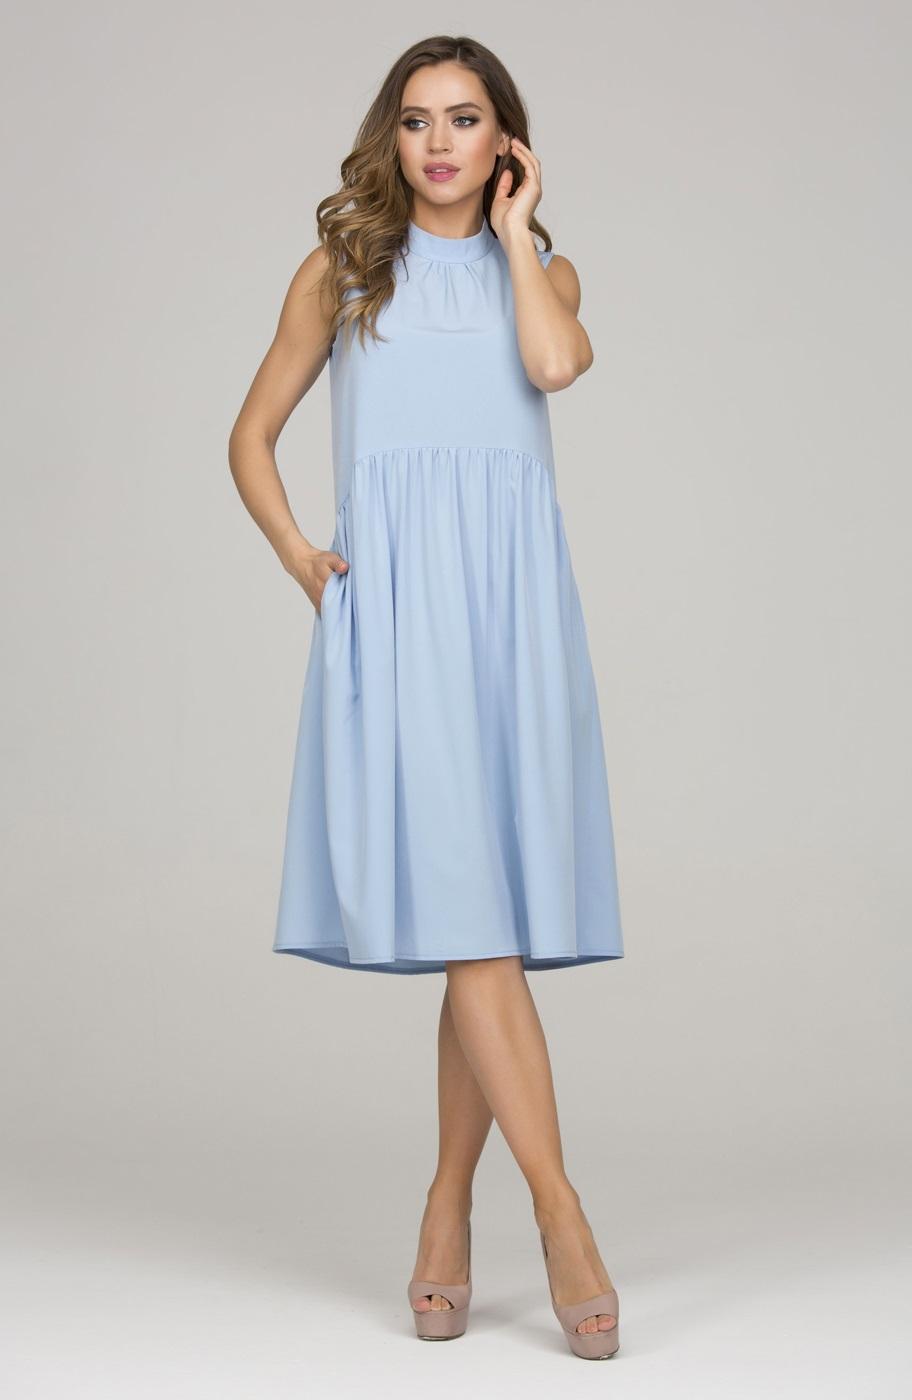 ae4190034add2ba Голубое летнее платье без рукавов Donna Saggia DSP-327-81 купить в ...